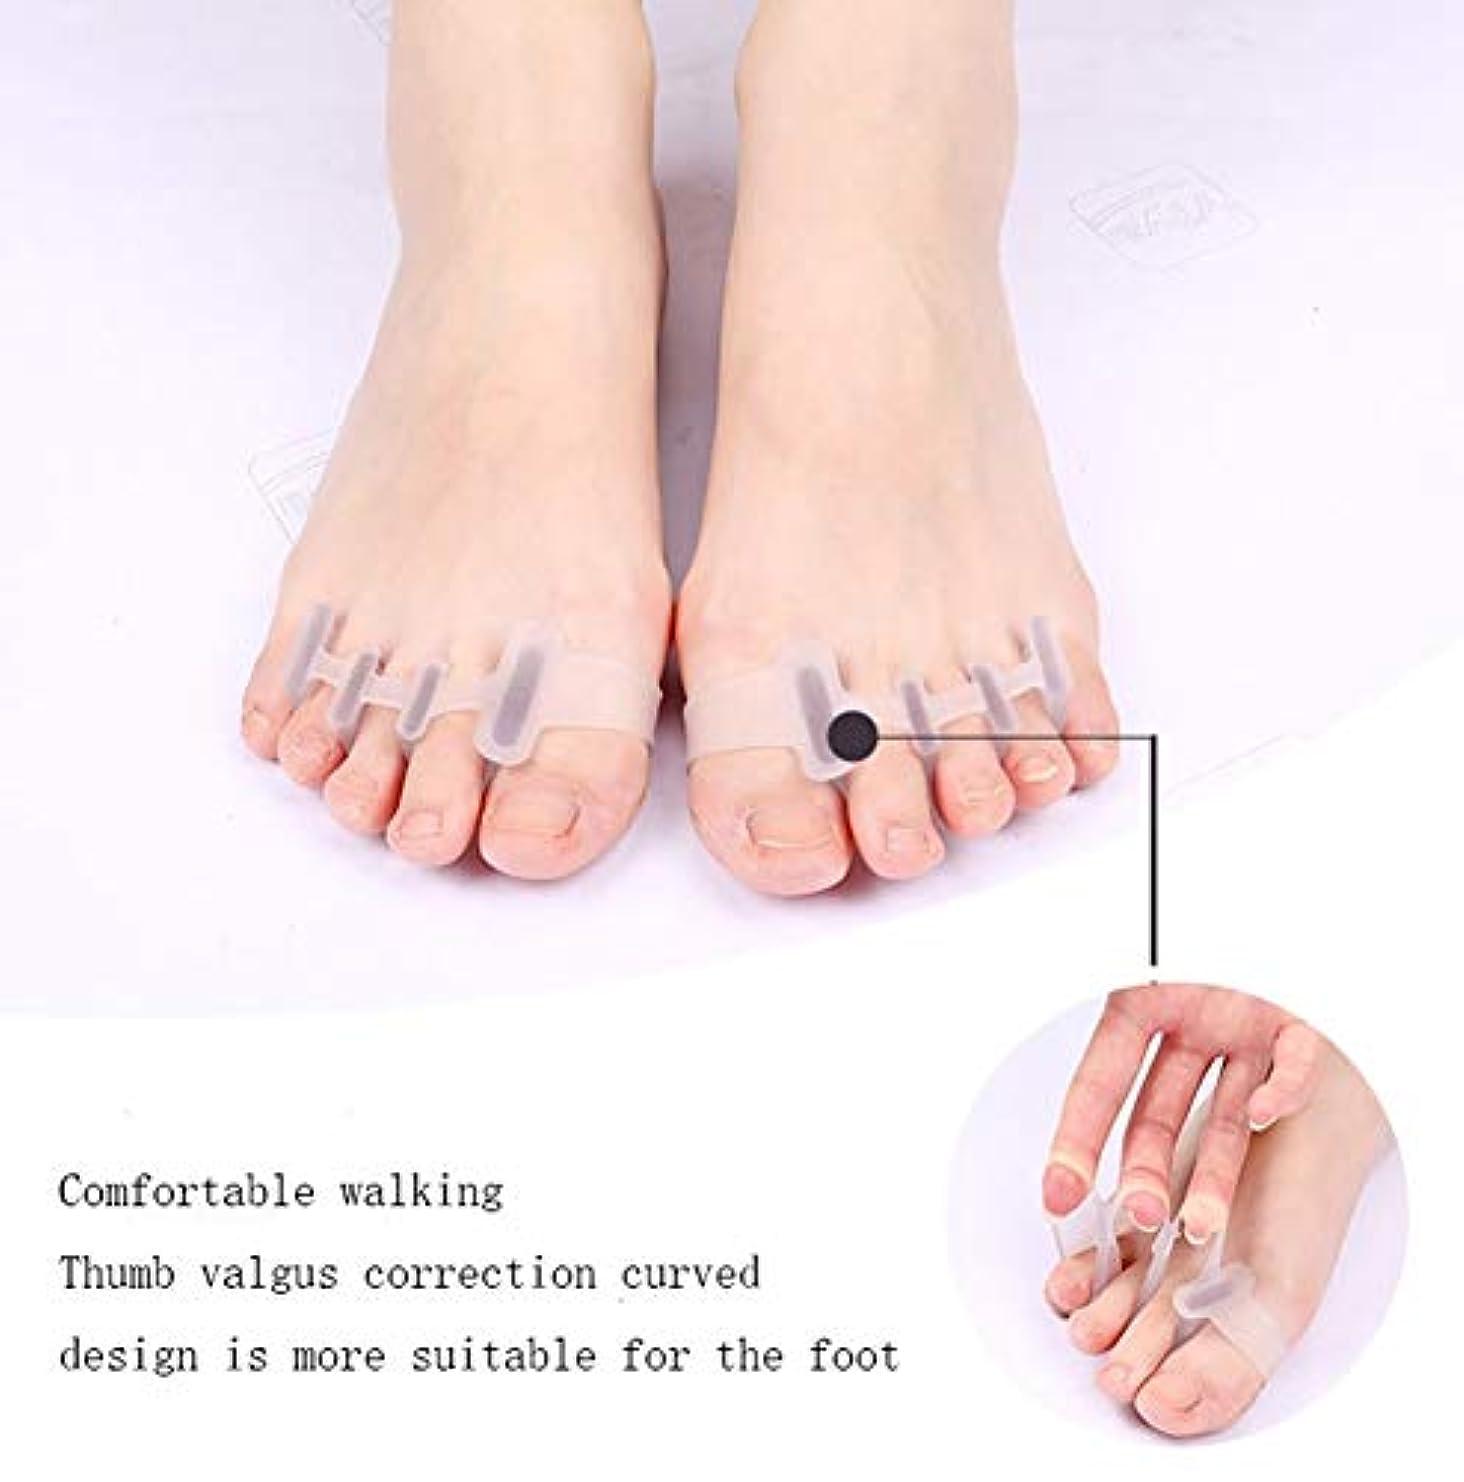 驚いたアレルギー性締め切り足装具、ジェル足ストレッチャー、足に適したセパレータインスタント治療親指外反母趾コレクター